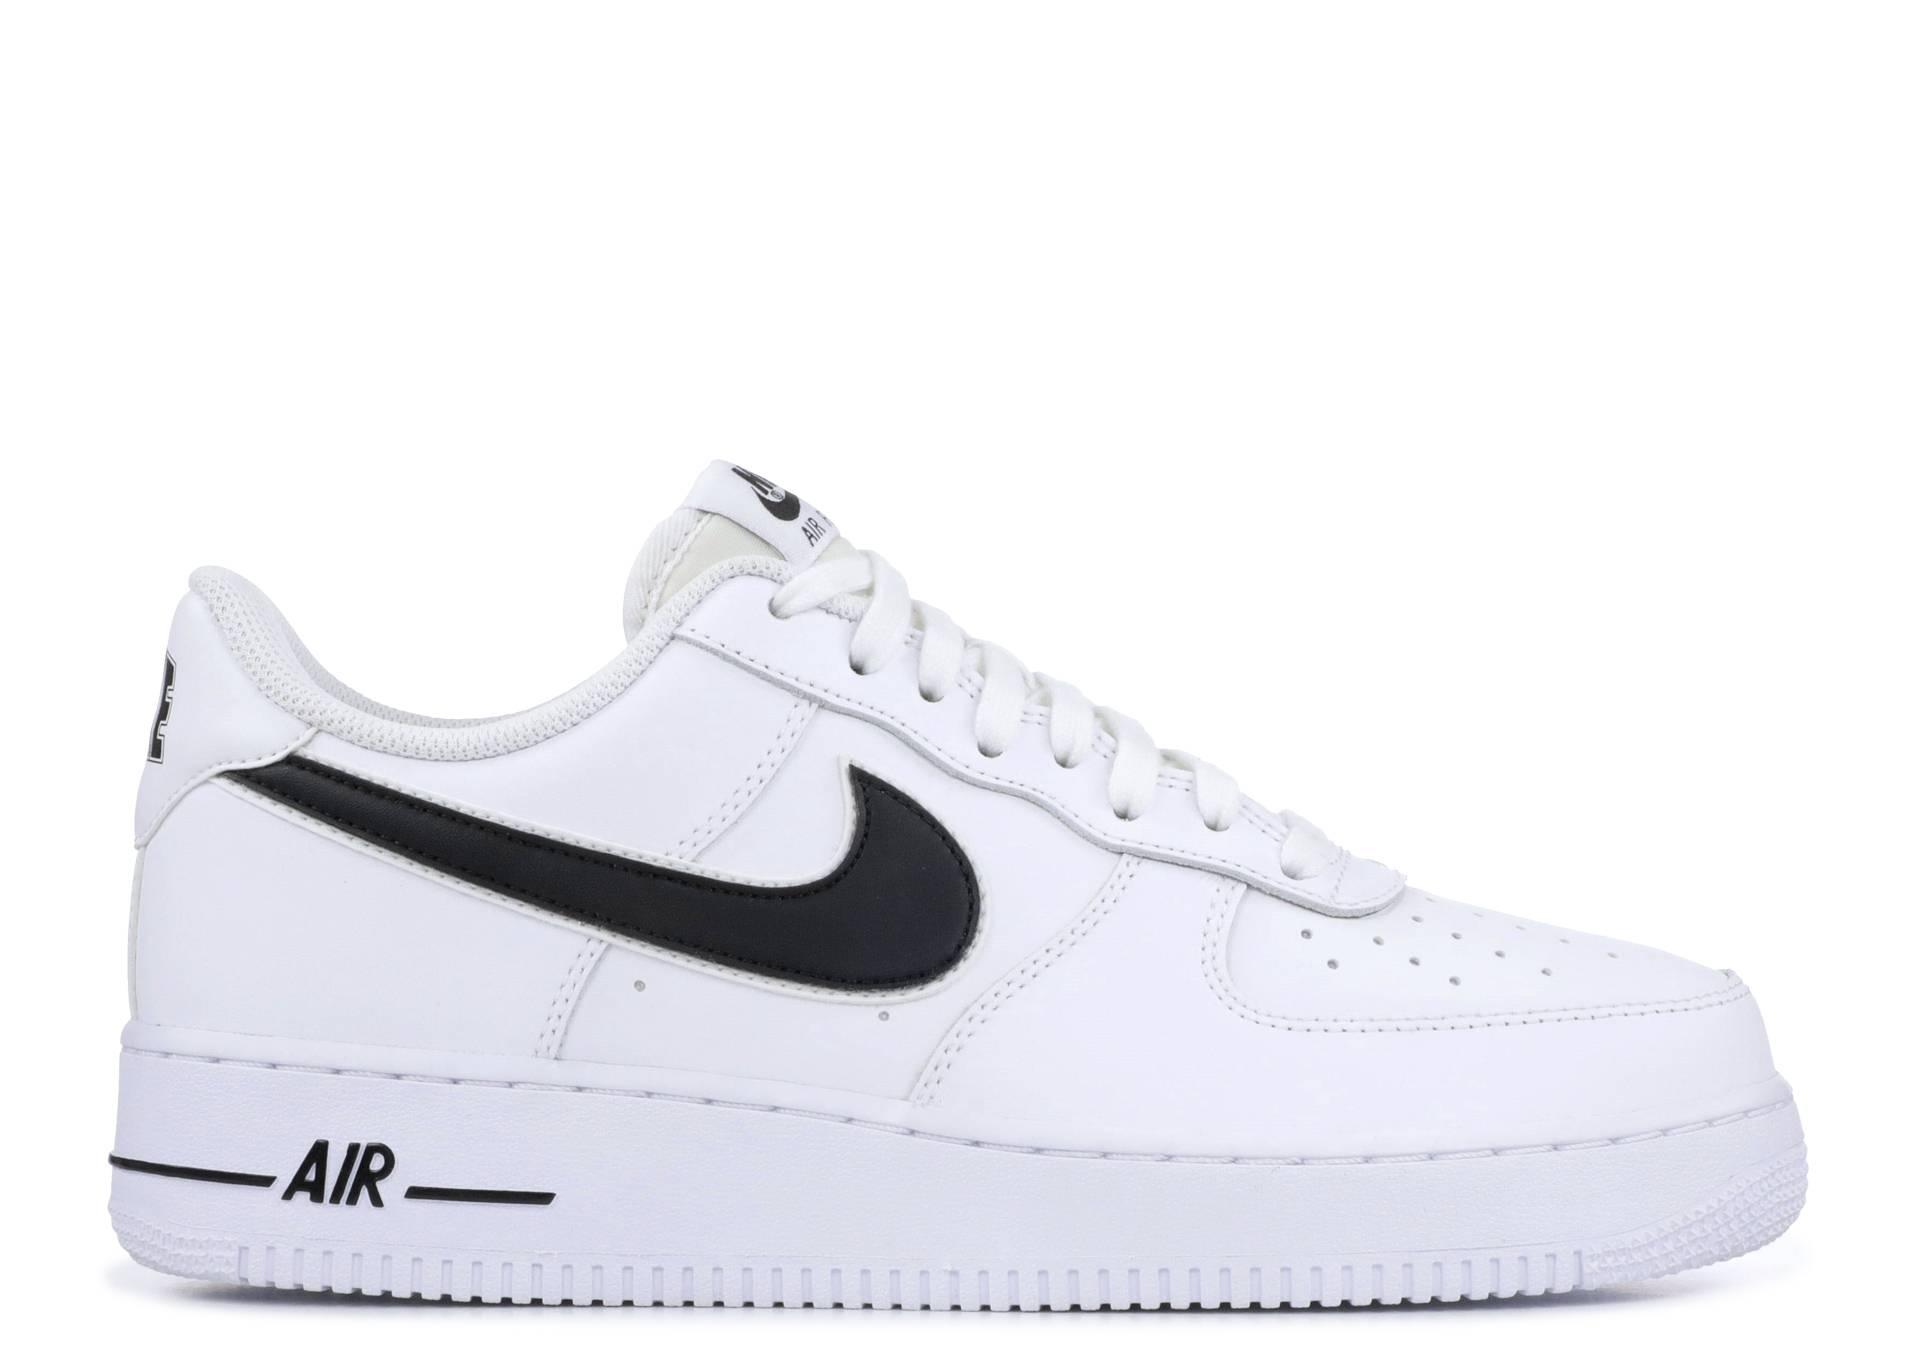 Air Force 1 07 3 White Black